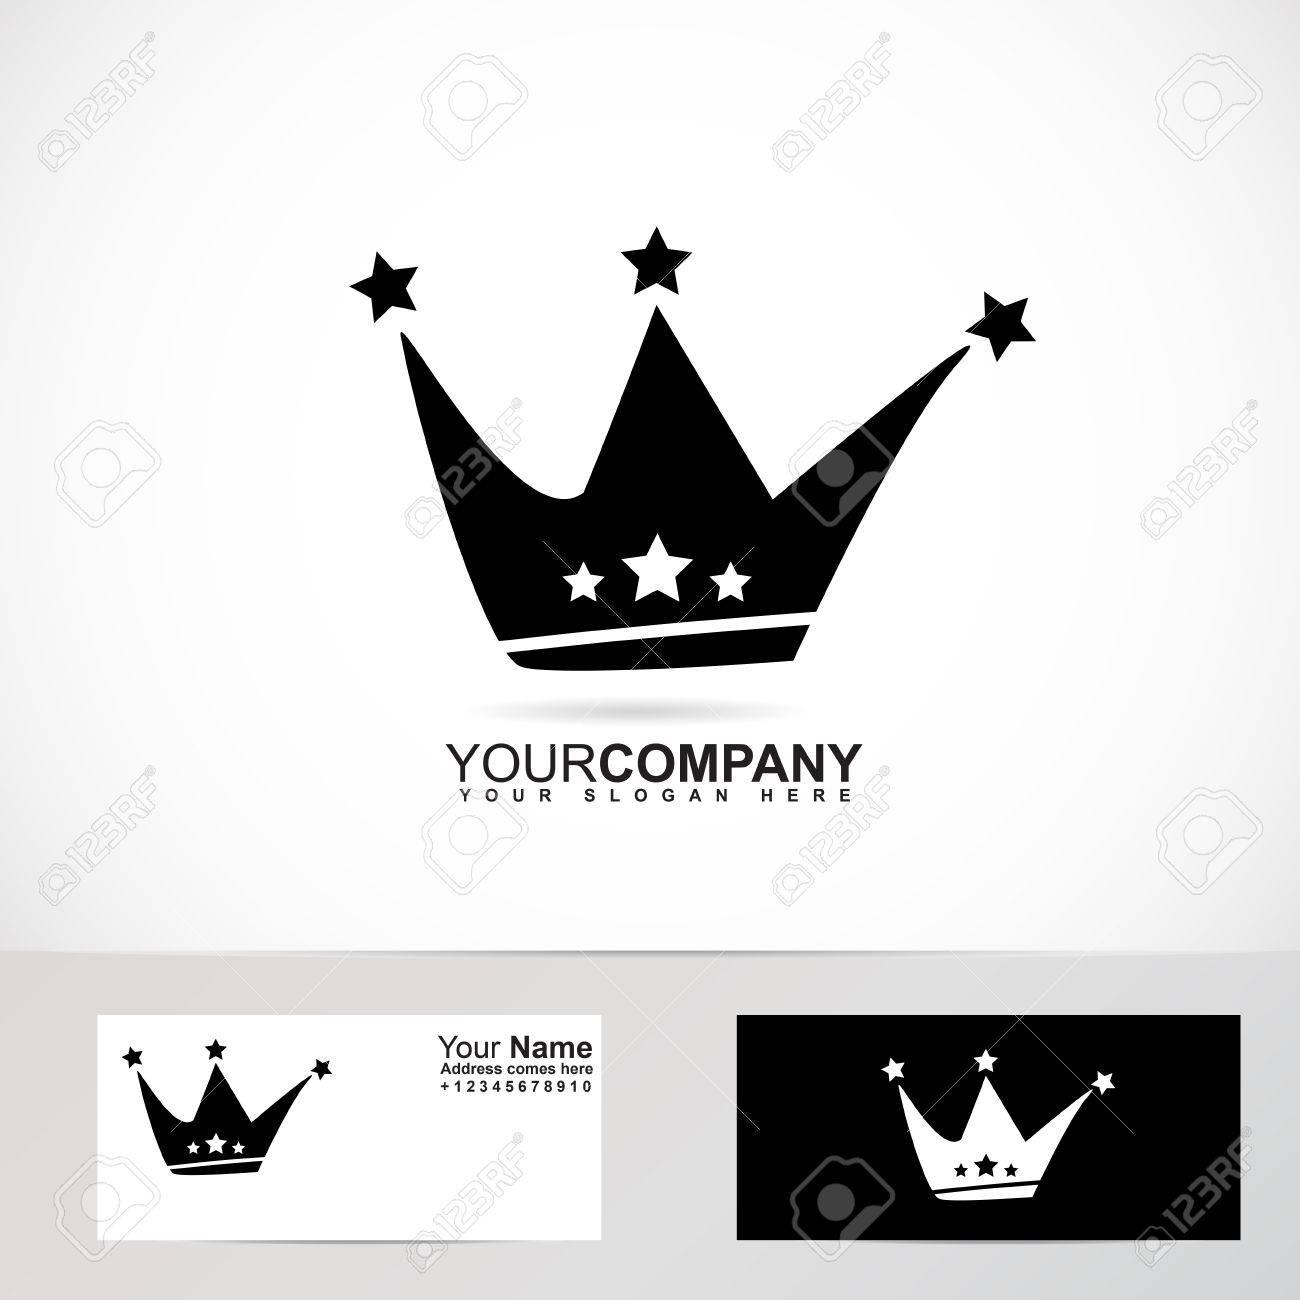 Vector De La Compañía Plantilla Logotipo Elemento De Una Corona De ...